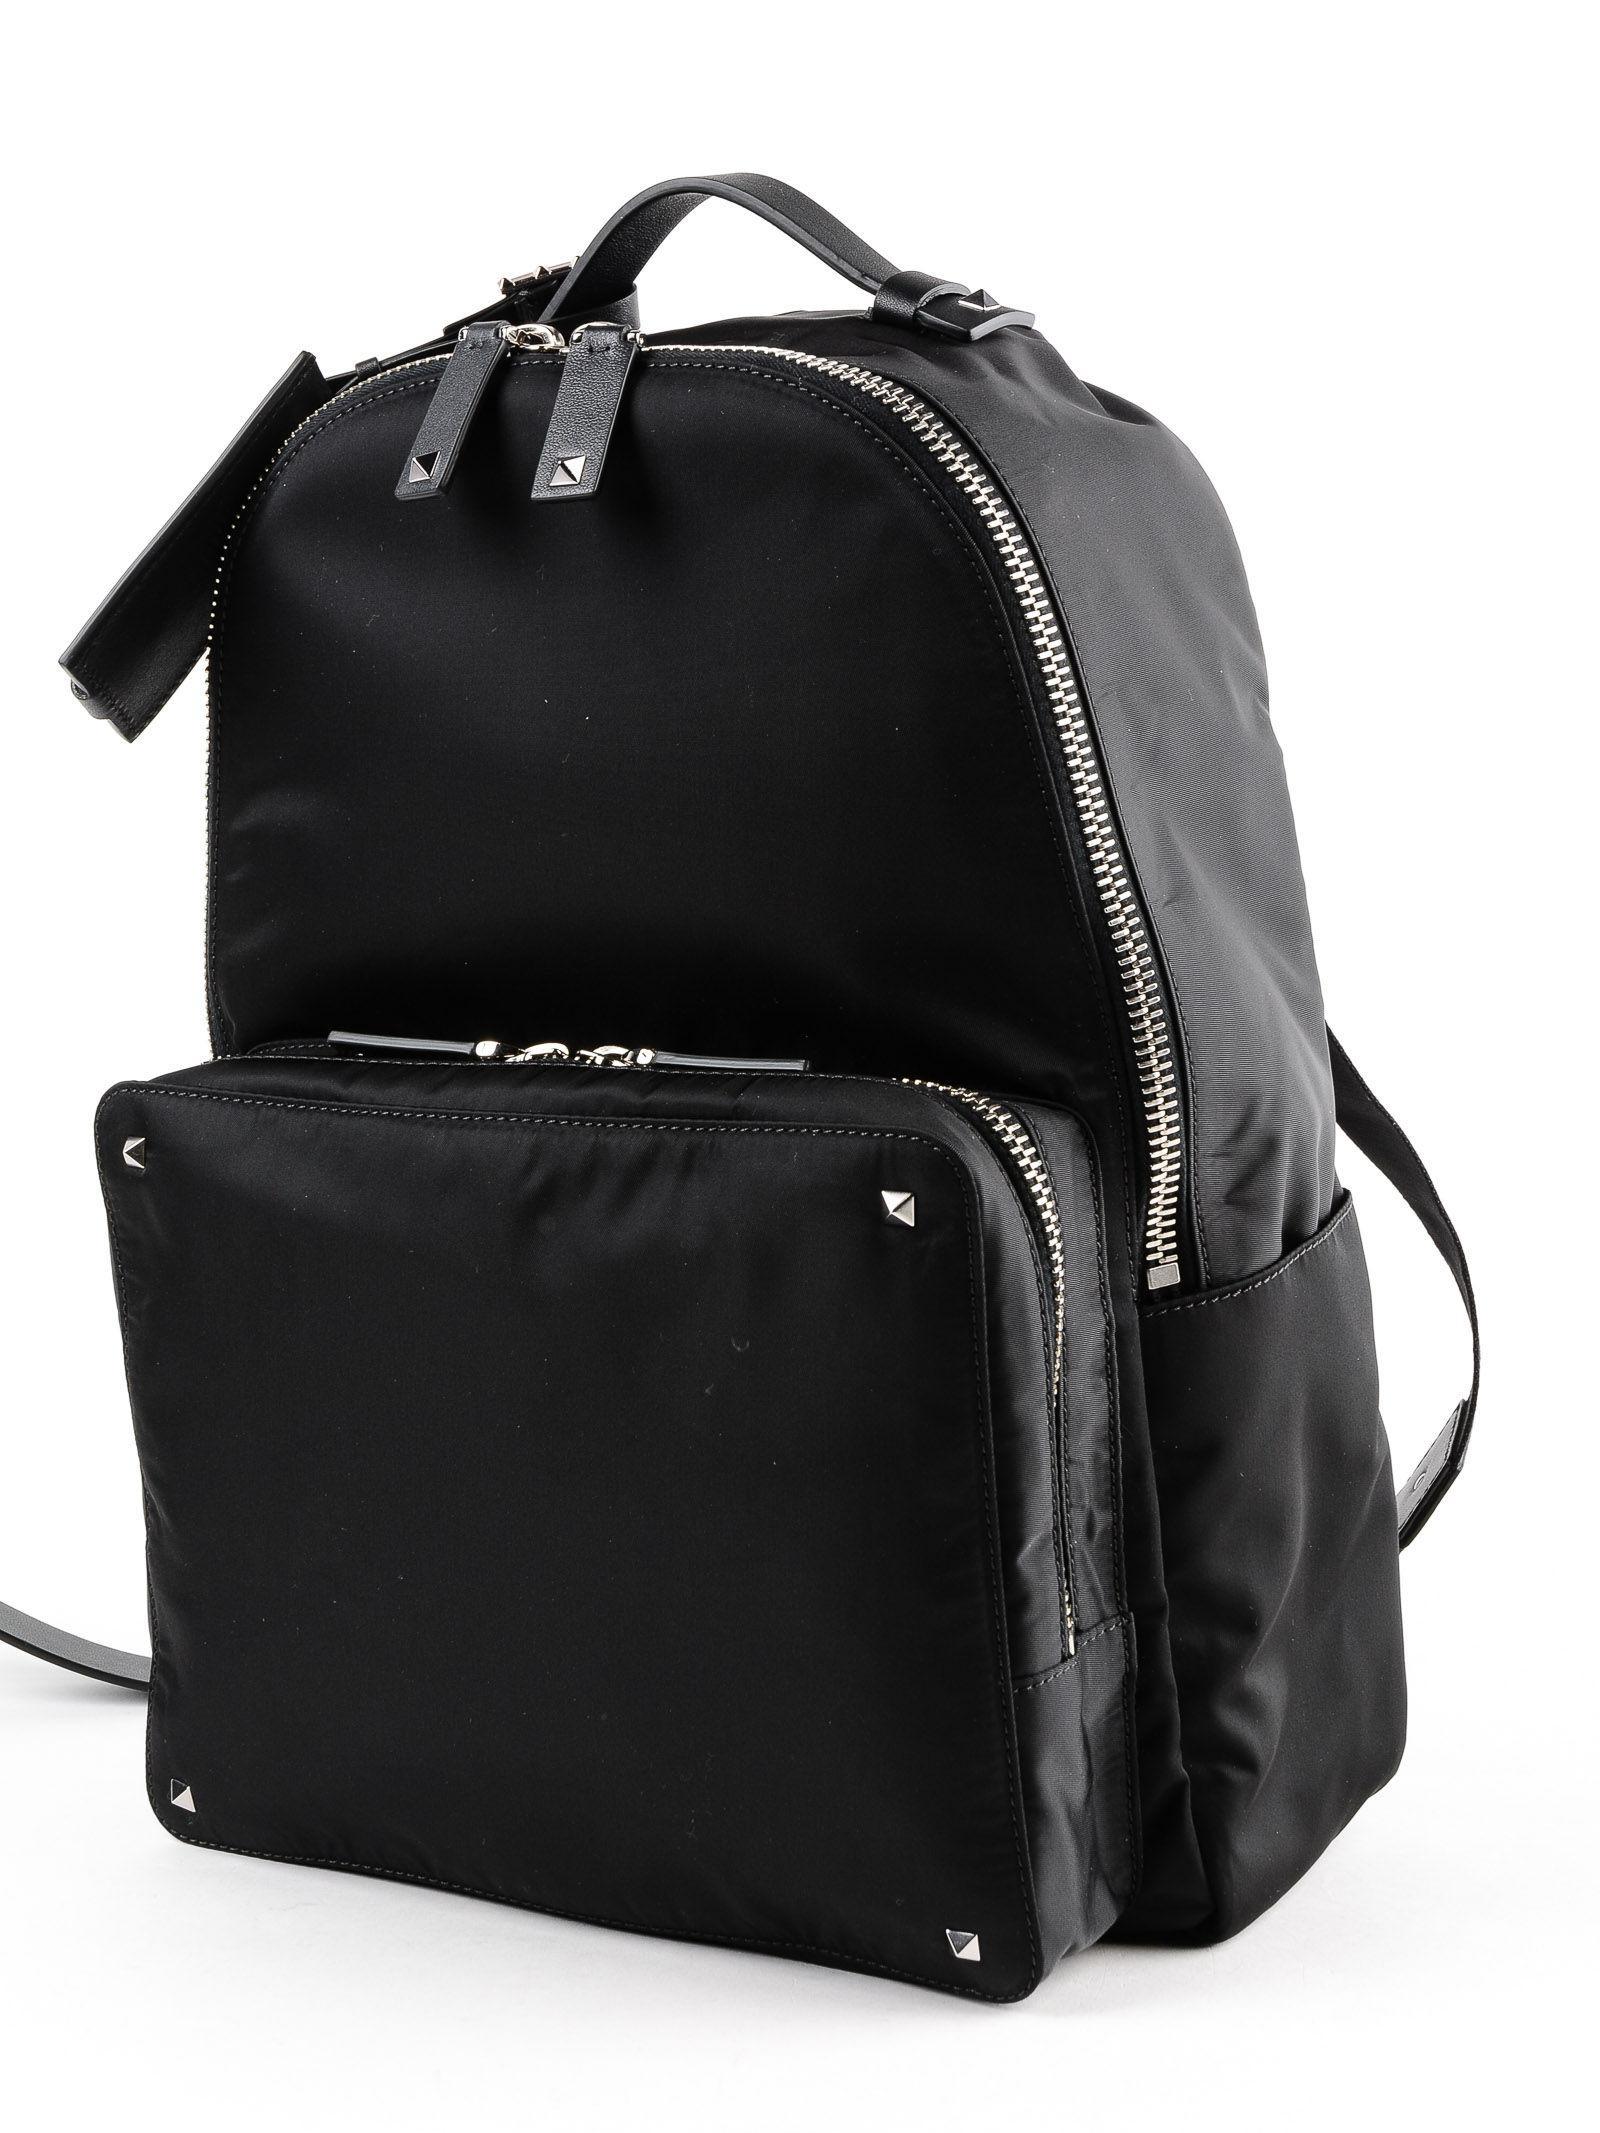 Lyst - Valentino Vltn Backpack in Black for Men aa341b2c92104